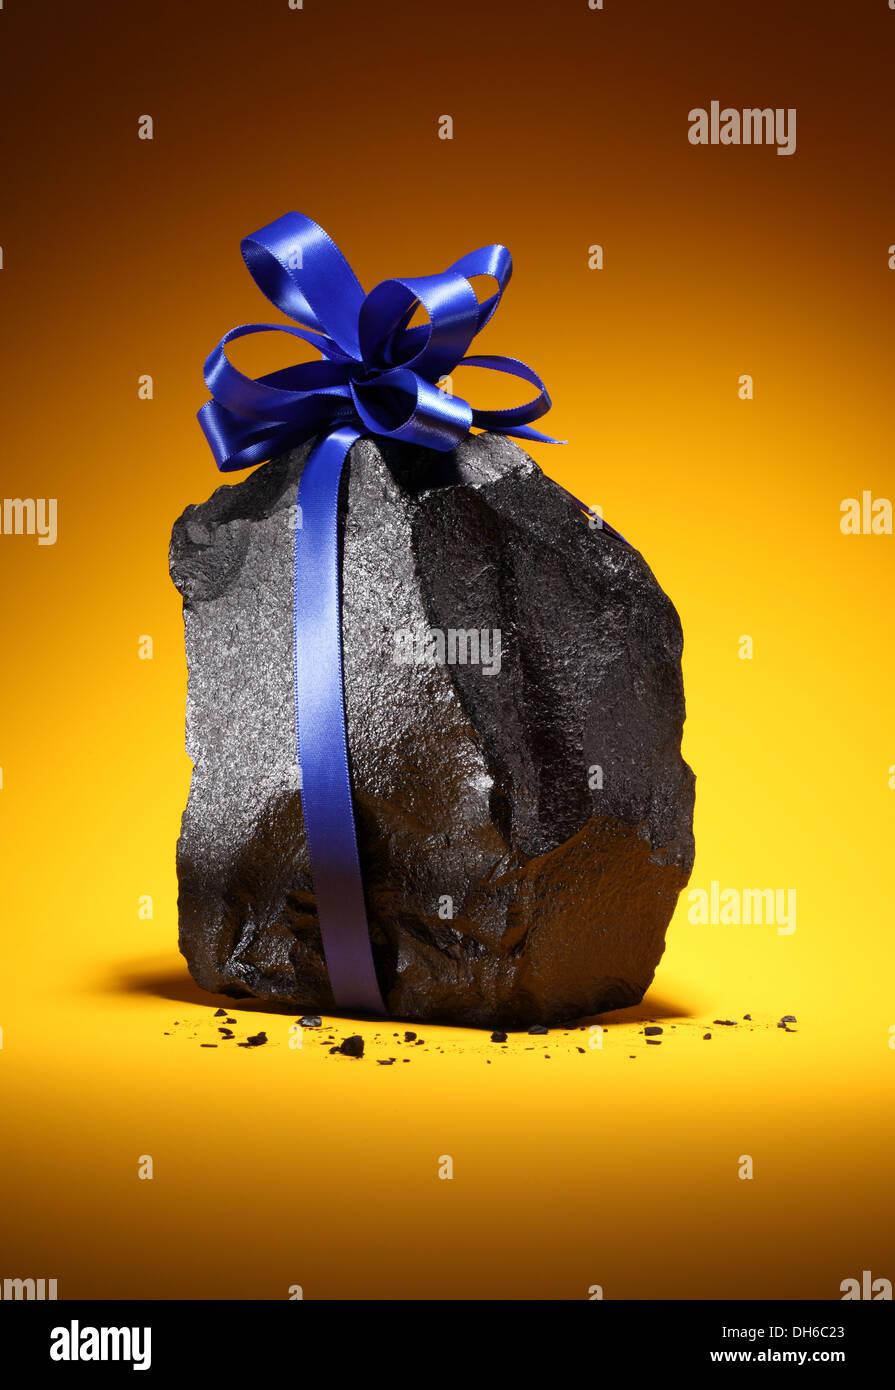 Ein schwarzen schwarzen Klumpen Kohle mit einem blauen Band gebunden um ihn herum. Leuchtend orange Hintergrund. Stockbild